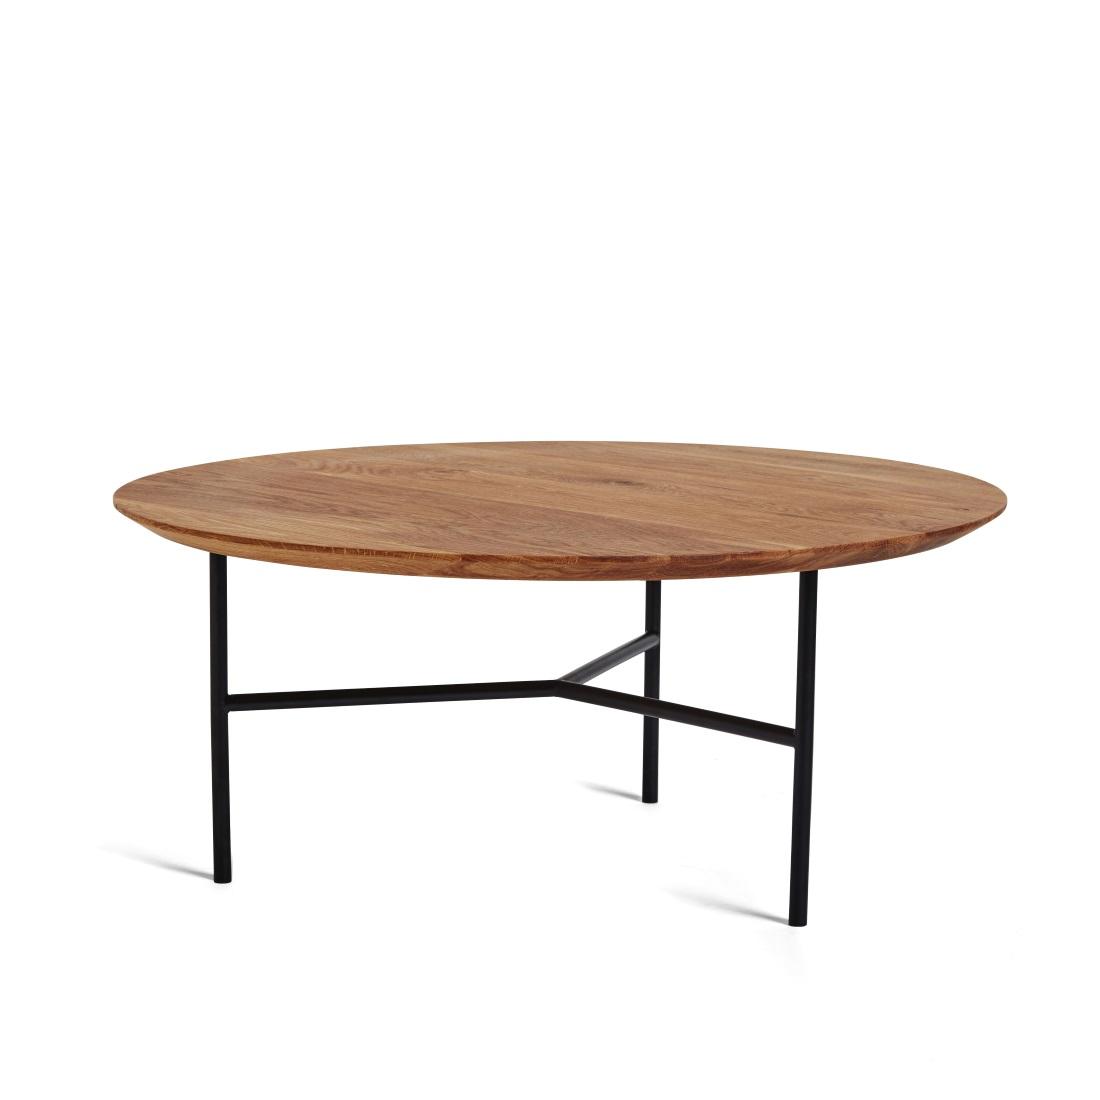 TRIBECA soffbord 80 cm oljad ek / svart, Mavis